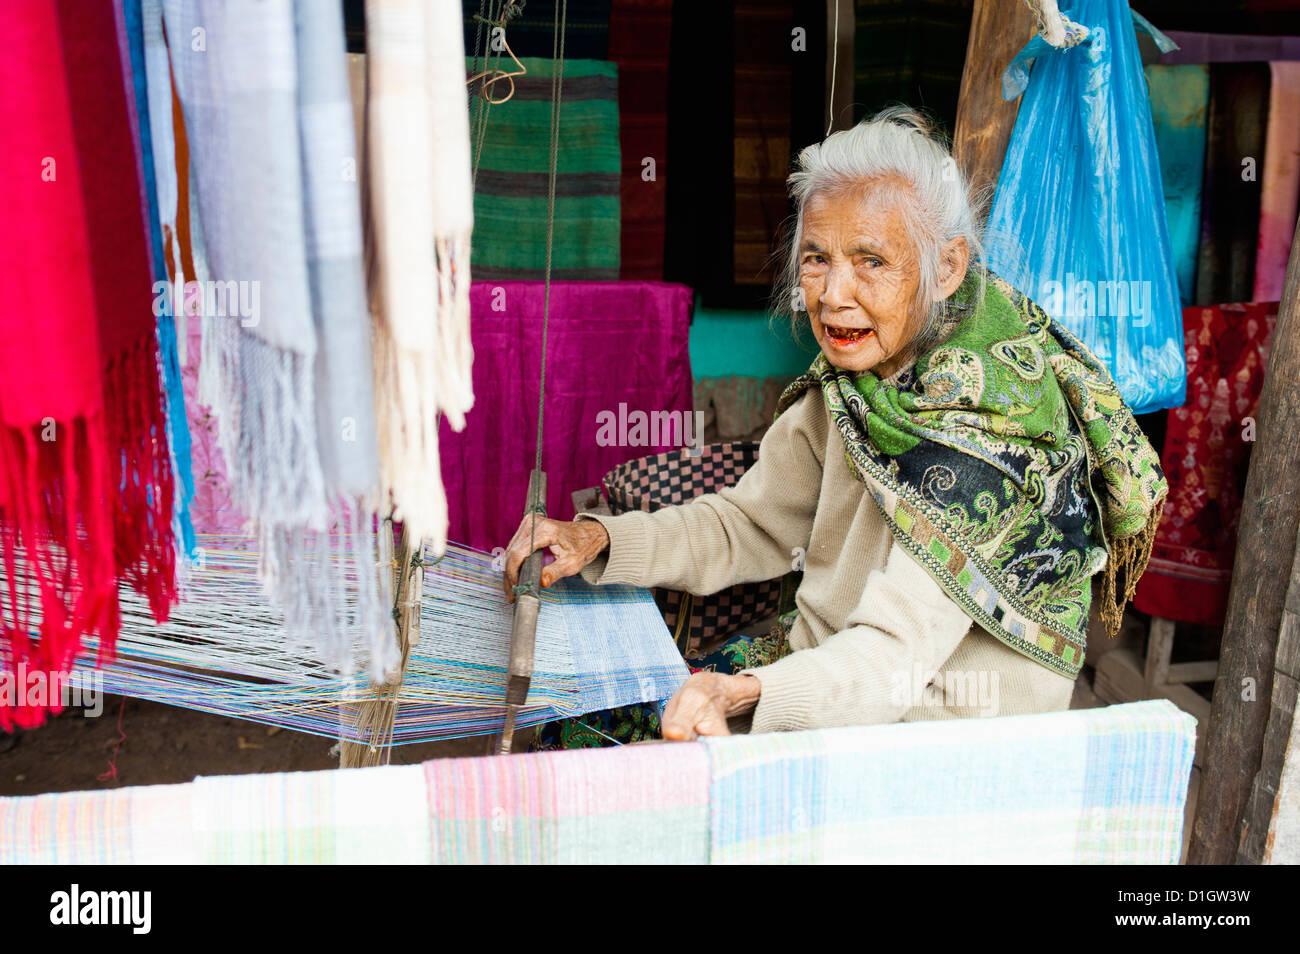 Vieja Mujer tejiendo bufandas en su telar, en Luang Prabang, Laos, Indochina, en el sudeste de Asia, Asia Imagen De Stock